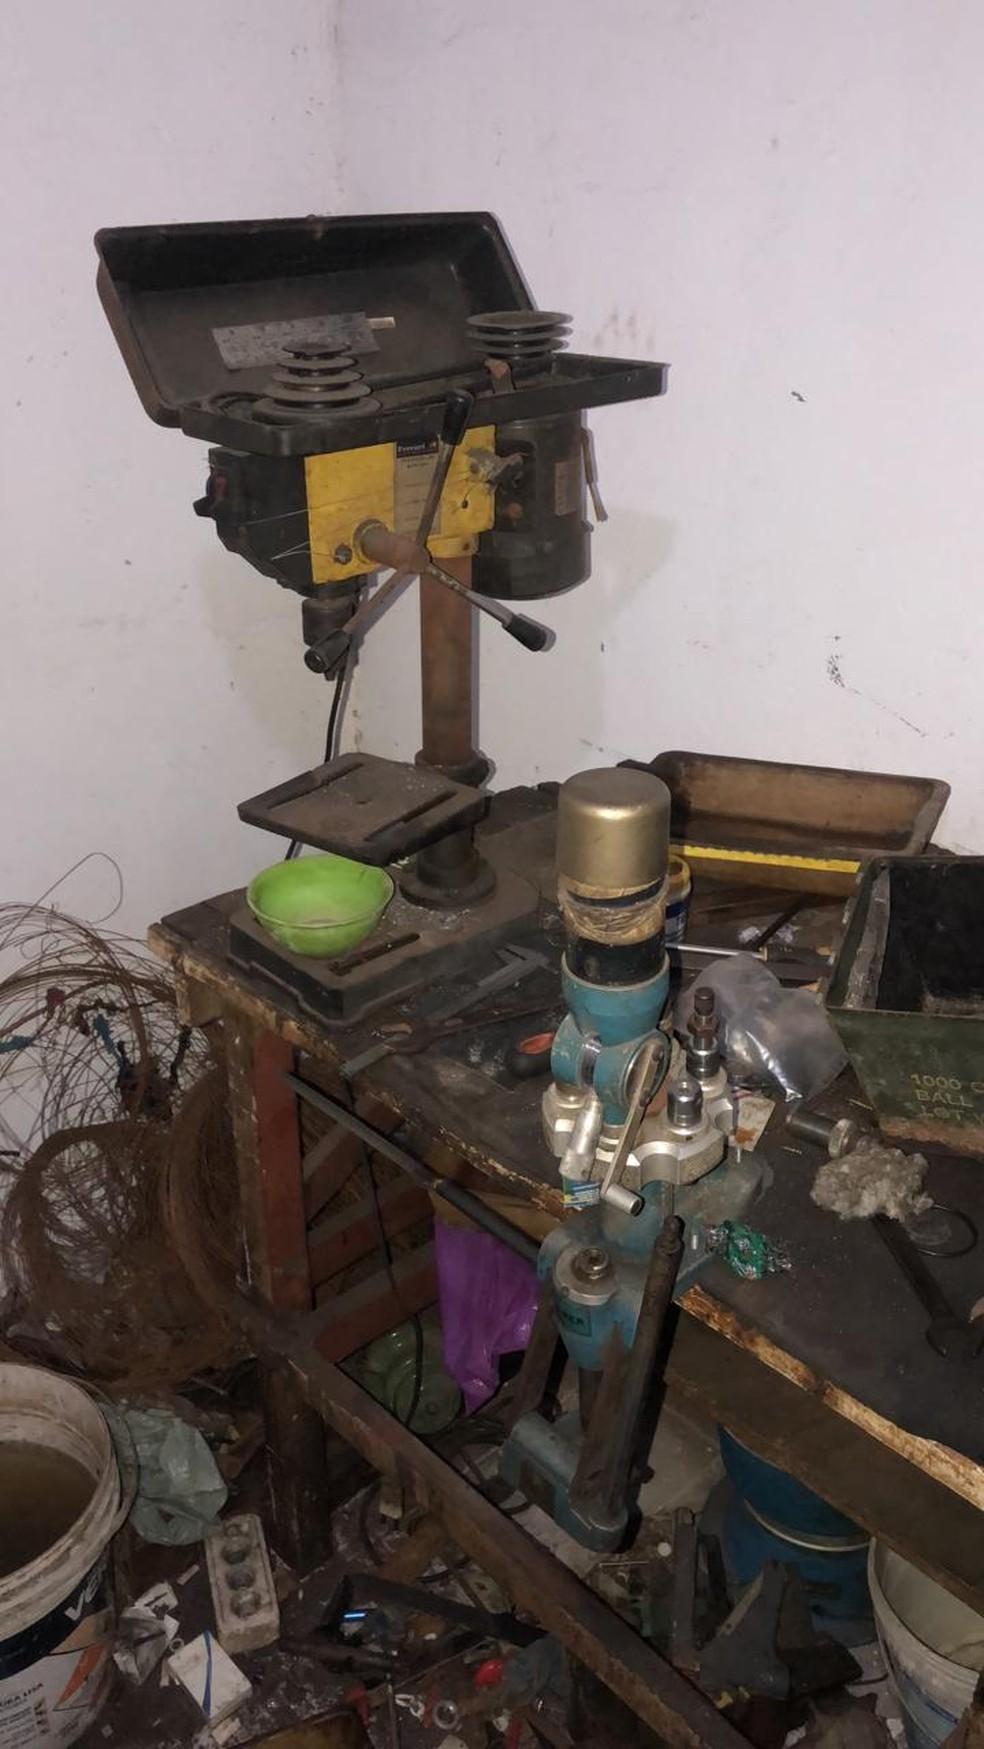 Ferramentas para fabricação das armas e munição foram apreendidas dentro de uma residência, em Caucaia. — Foto: PM/ Divulgação